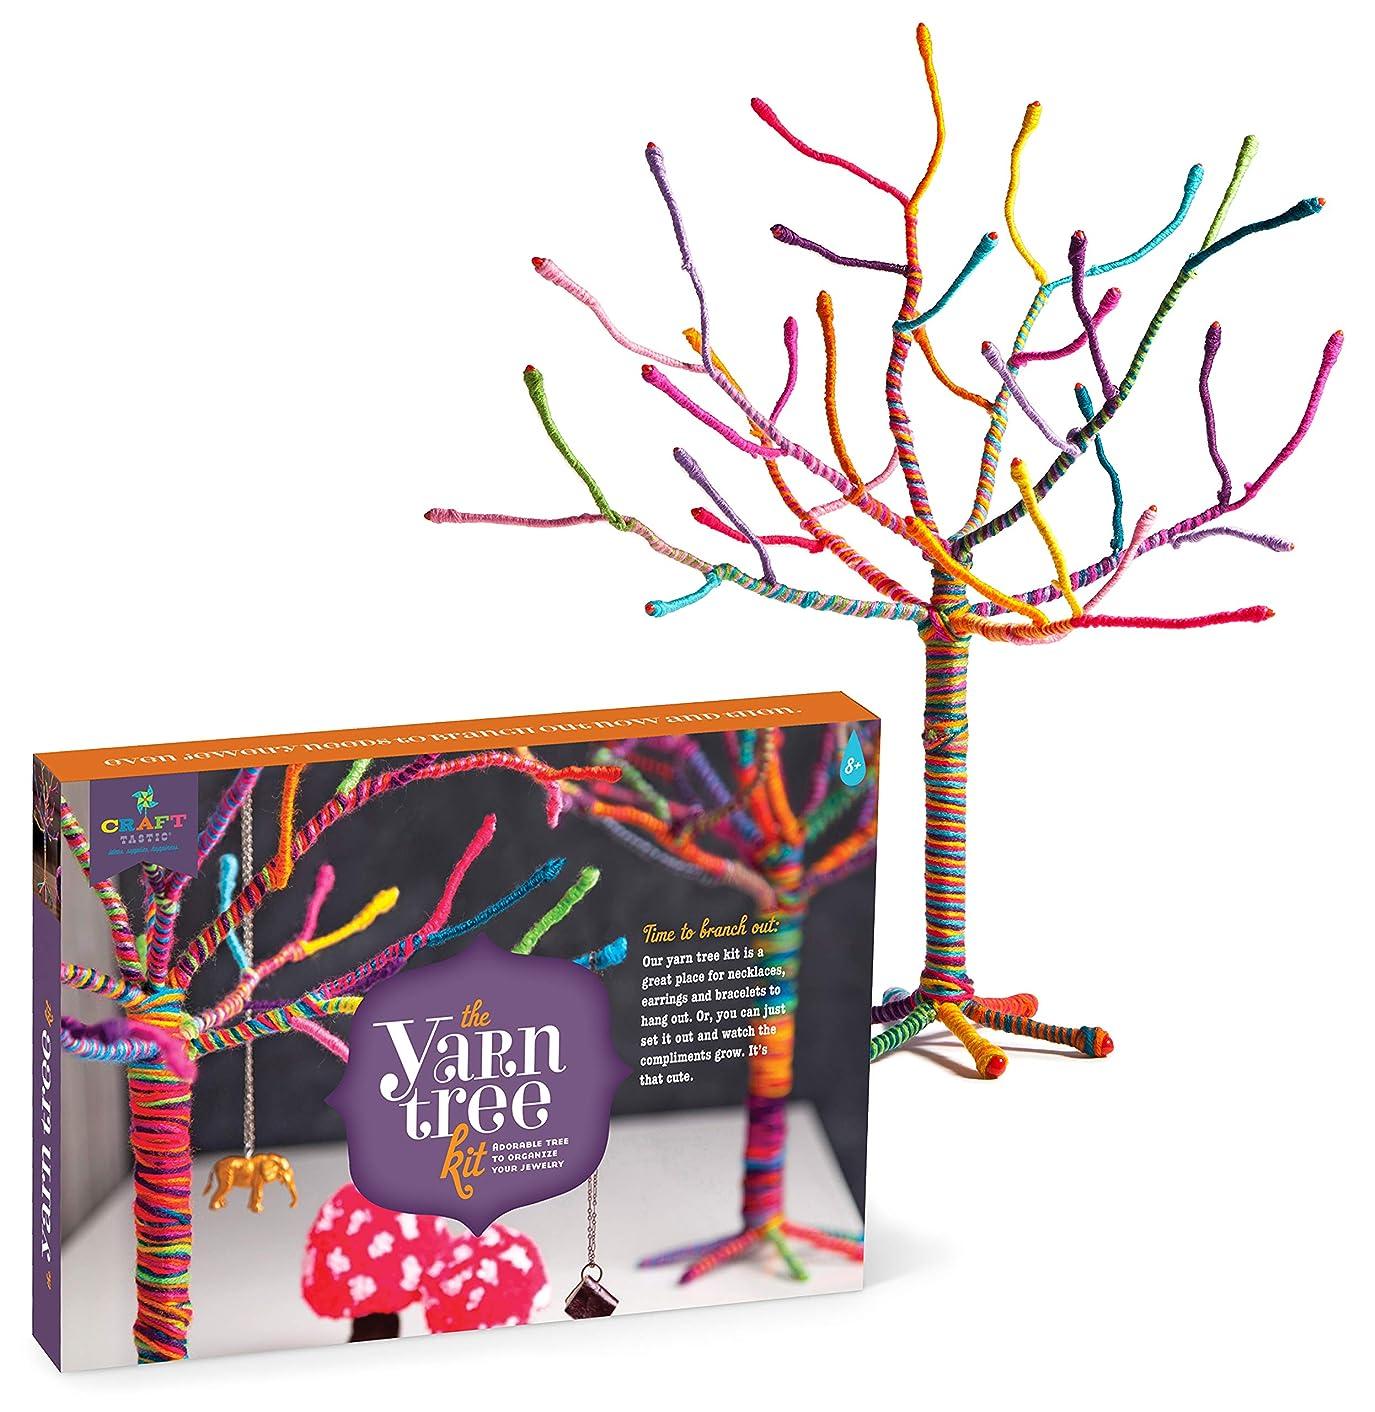 Craft-tastic – Yarn Tree Kit – Craft Kit Makes One 18